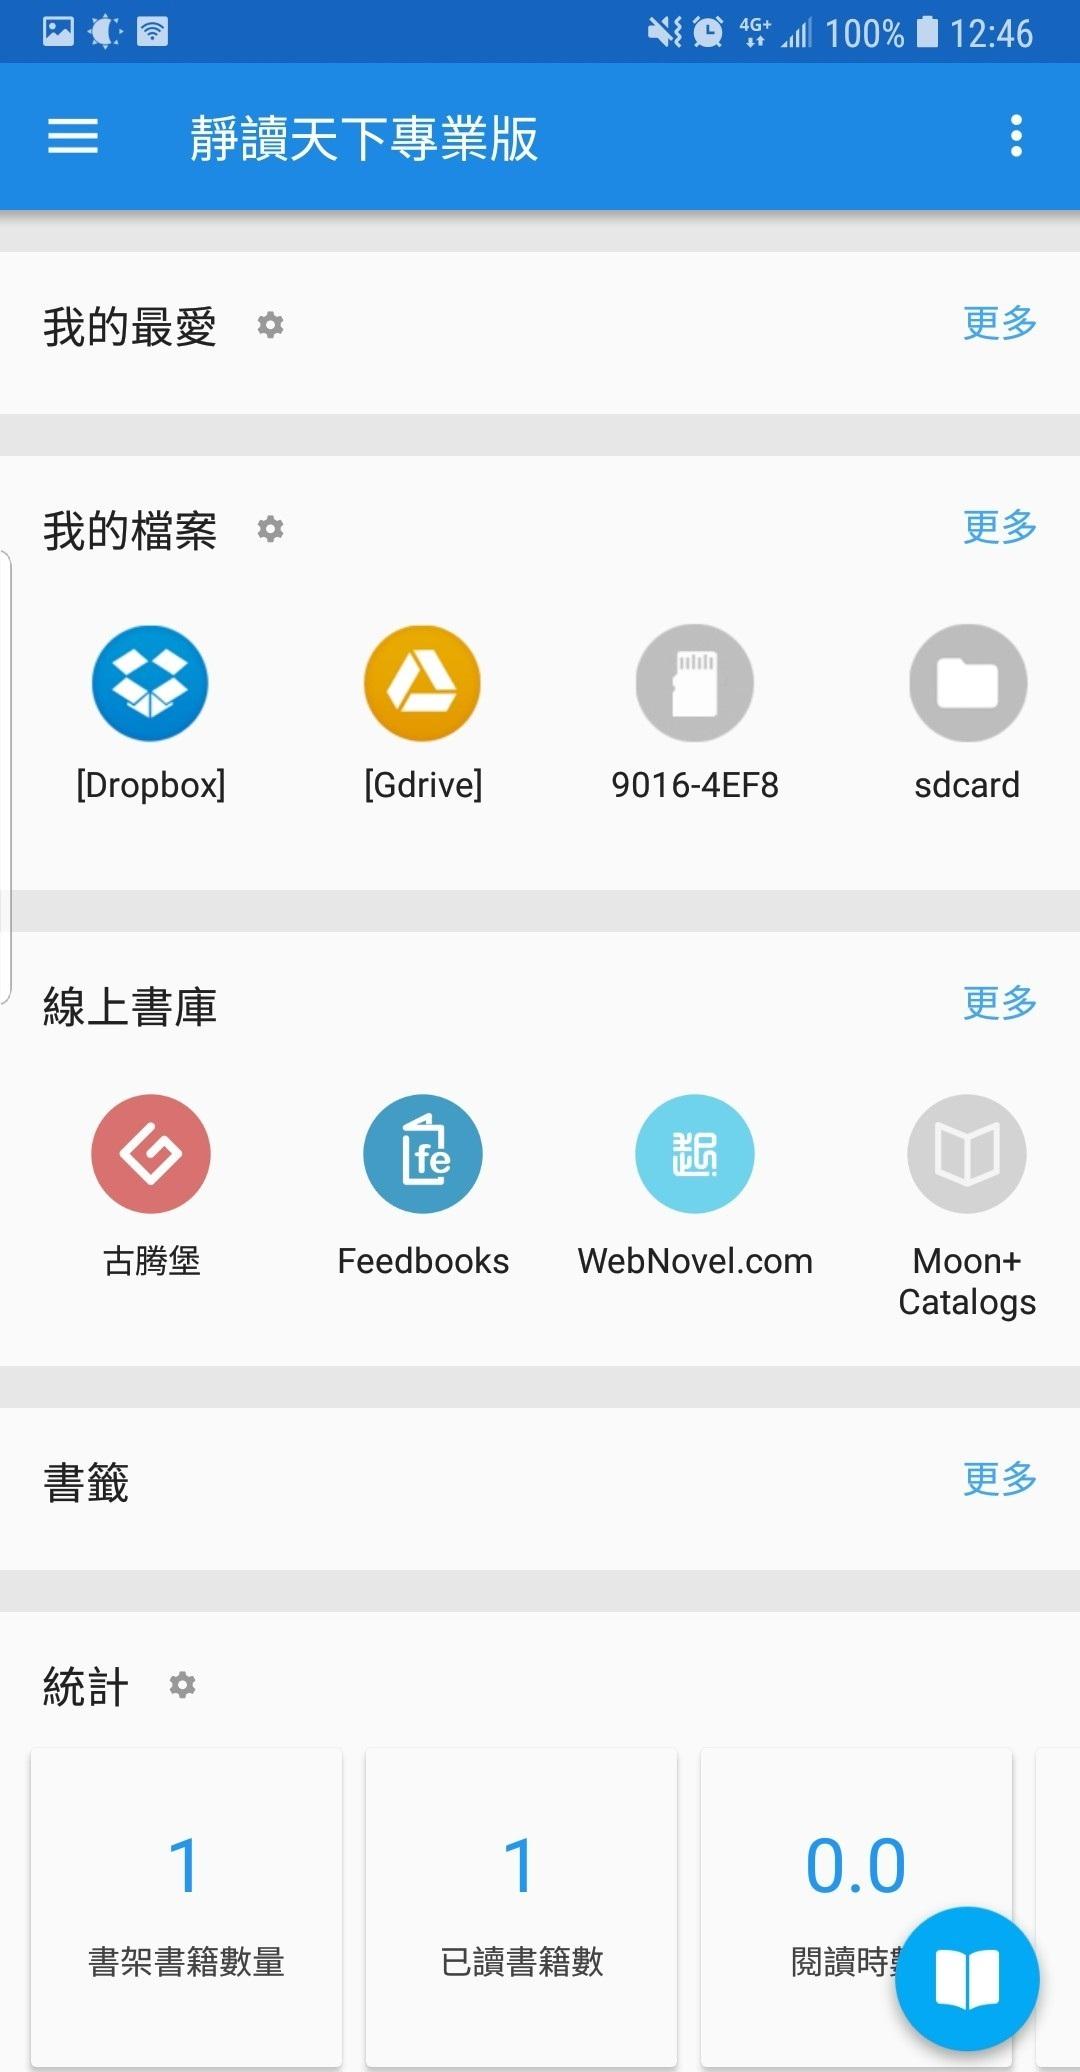 靜讀天下 Pro 專業版 V4.5.5 - Android 遊戲.應用下載 - 冰楓論壇 - 綜合論壇.外掛下載.外掛討論.遊戲討論.手機APP